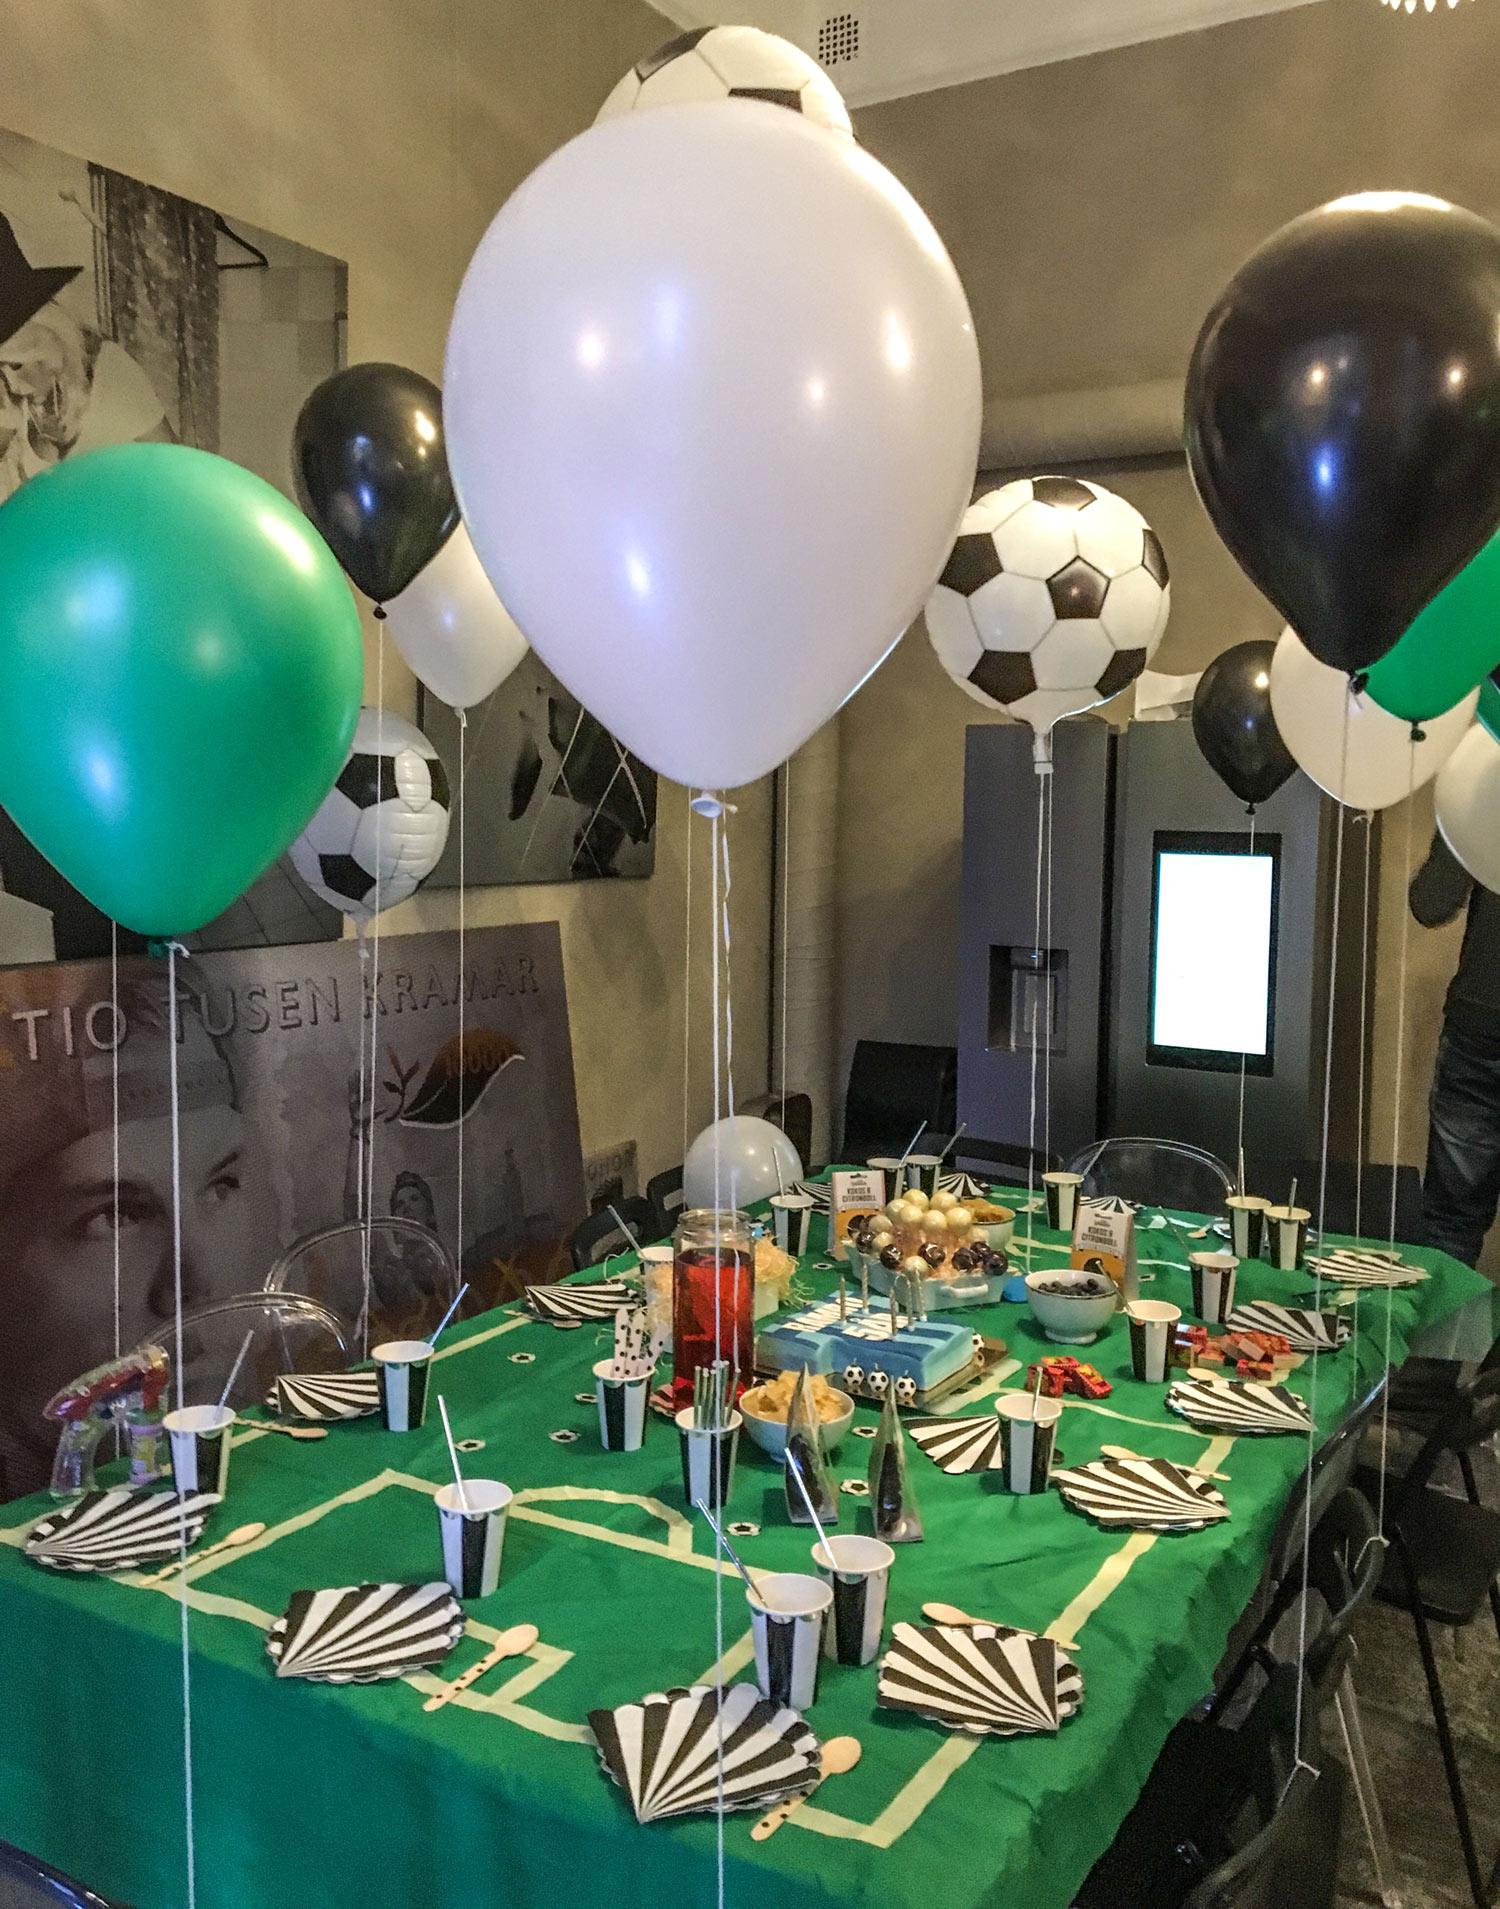 Rambos 5 års kalas med fotbollstema